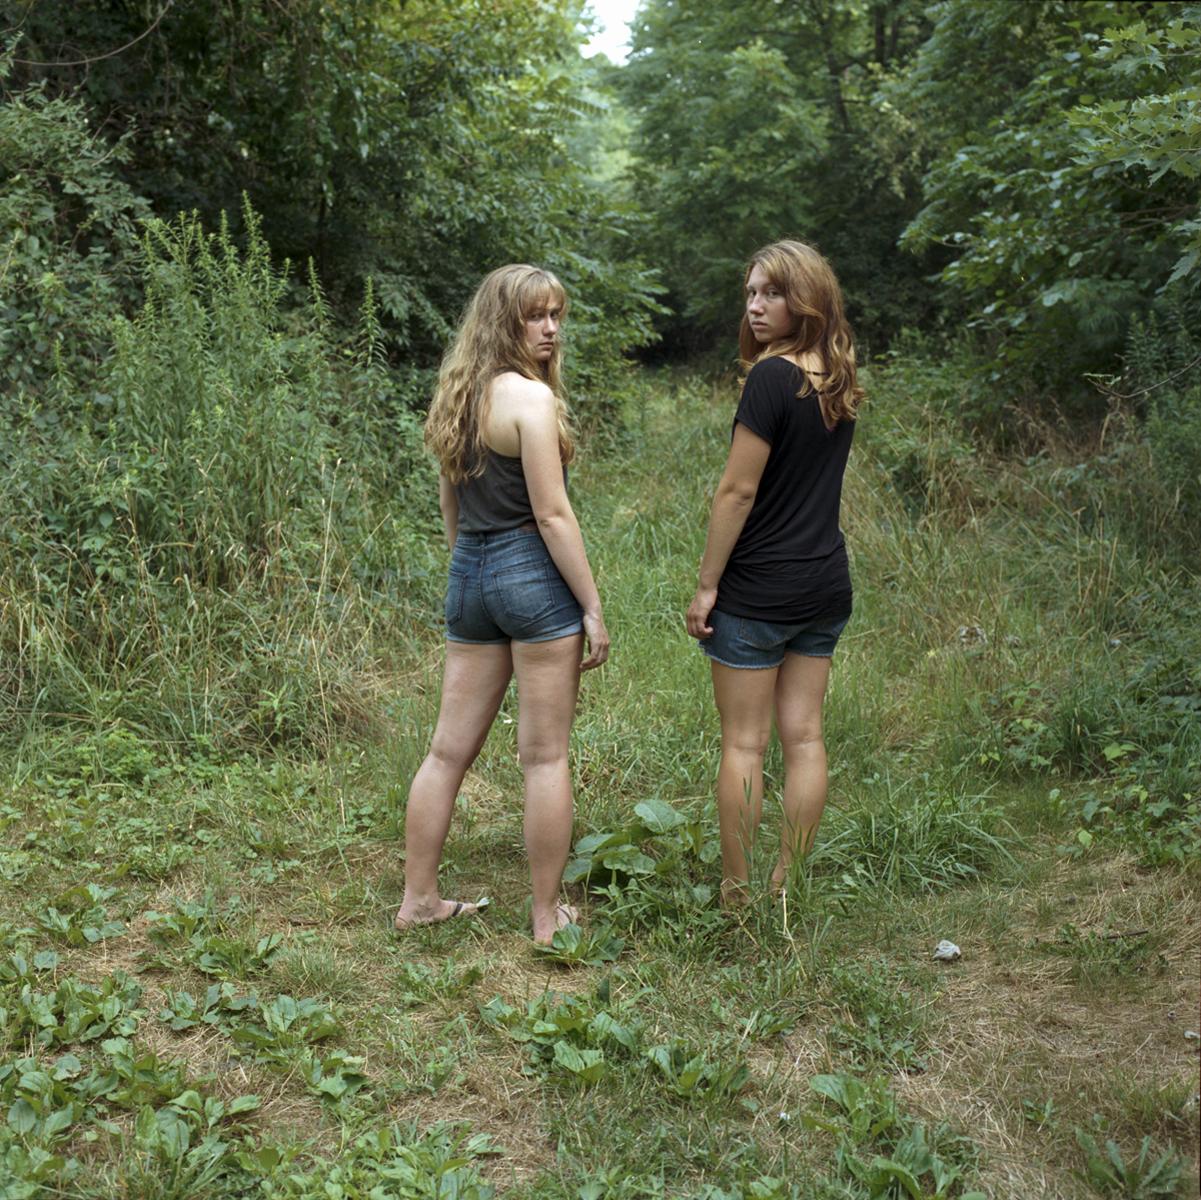 004_Casey & Emily